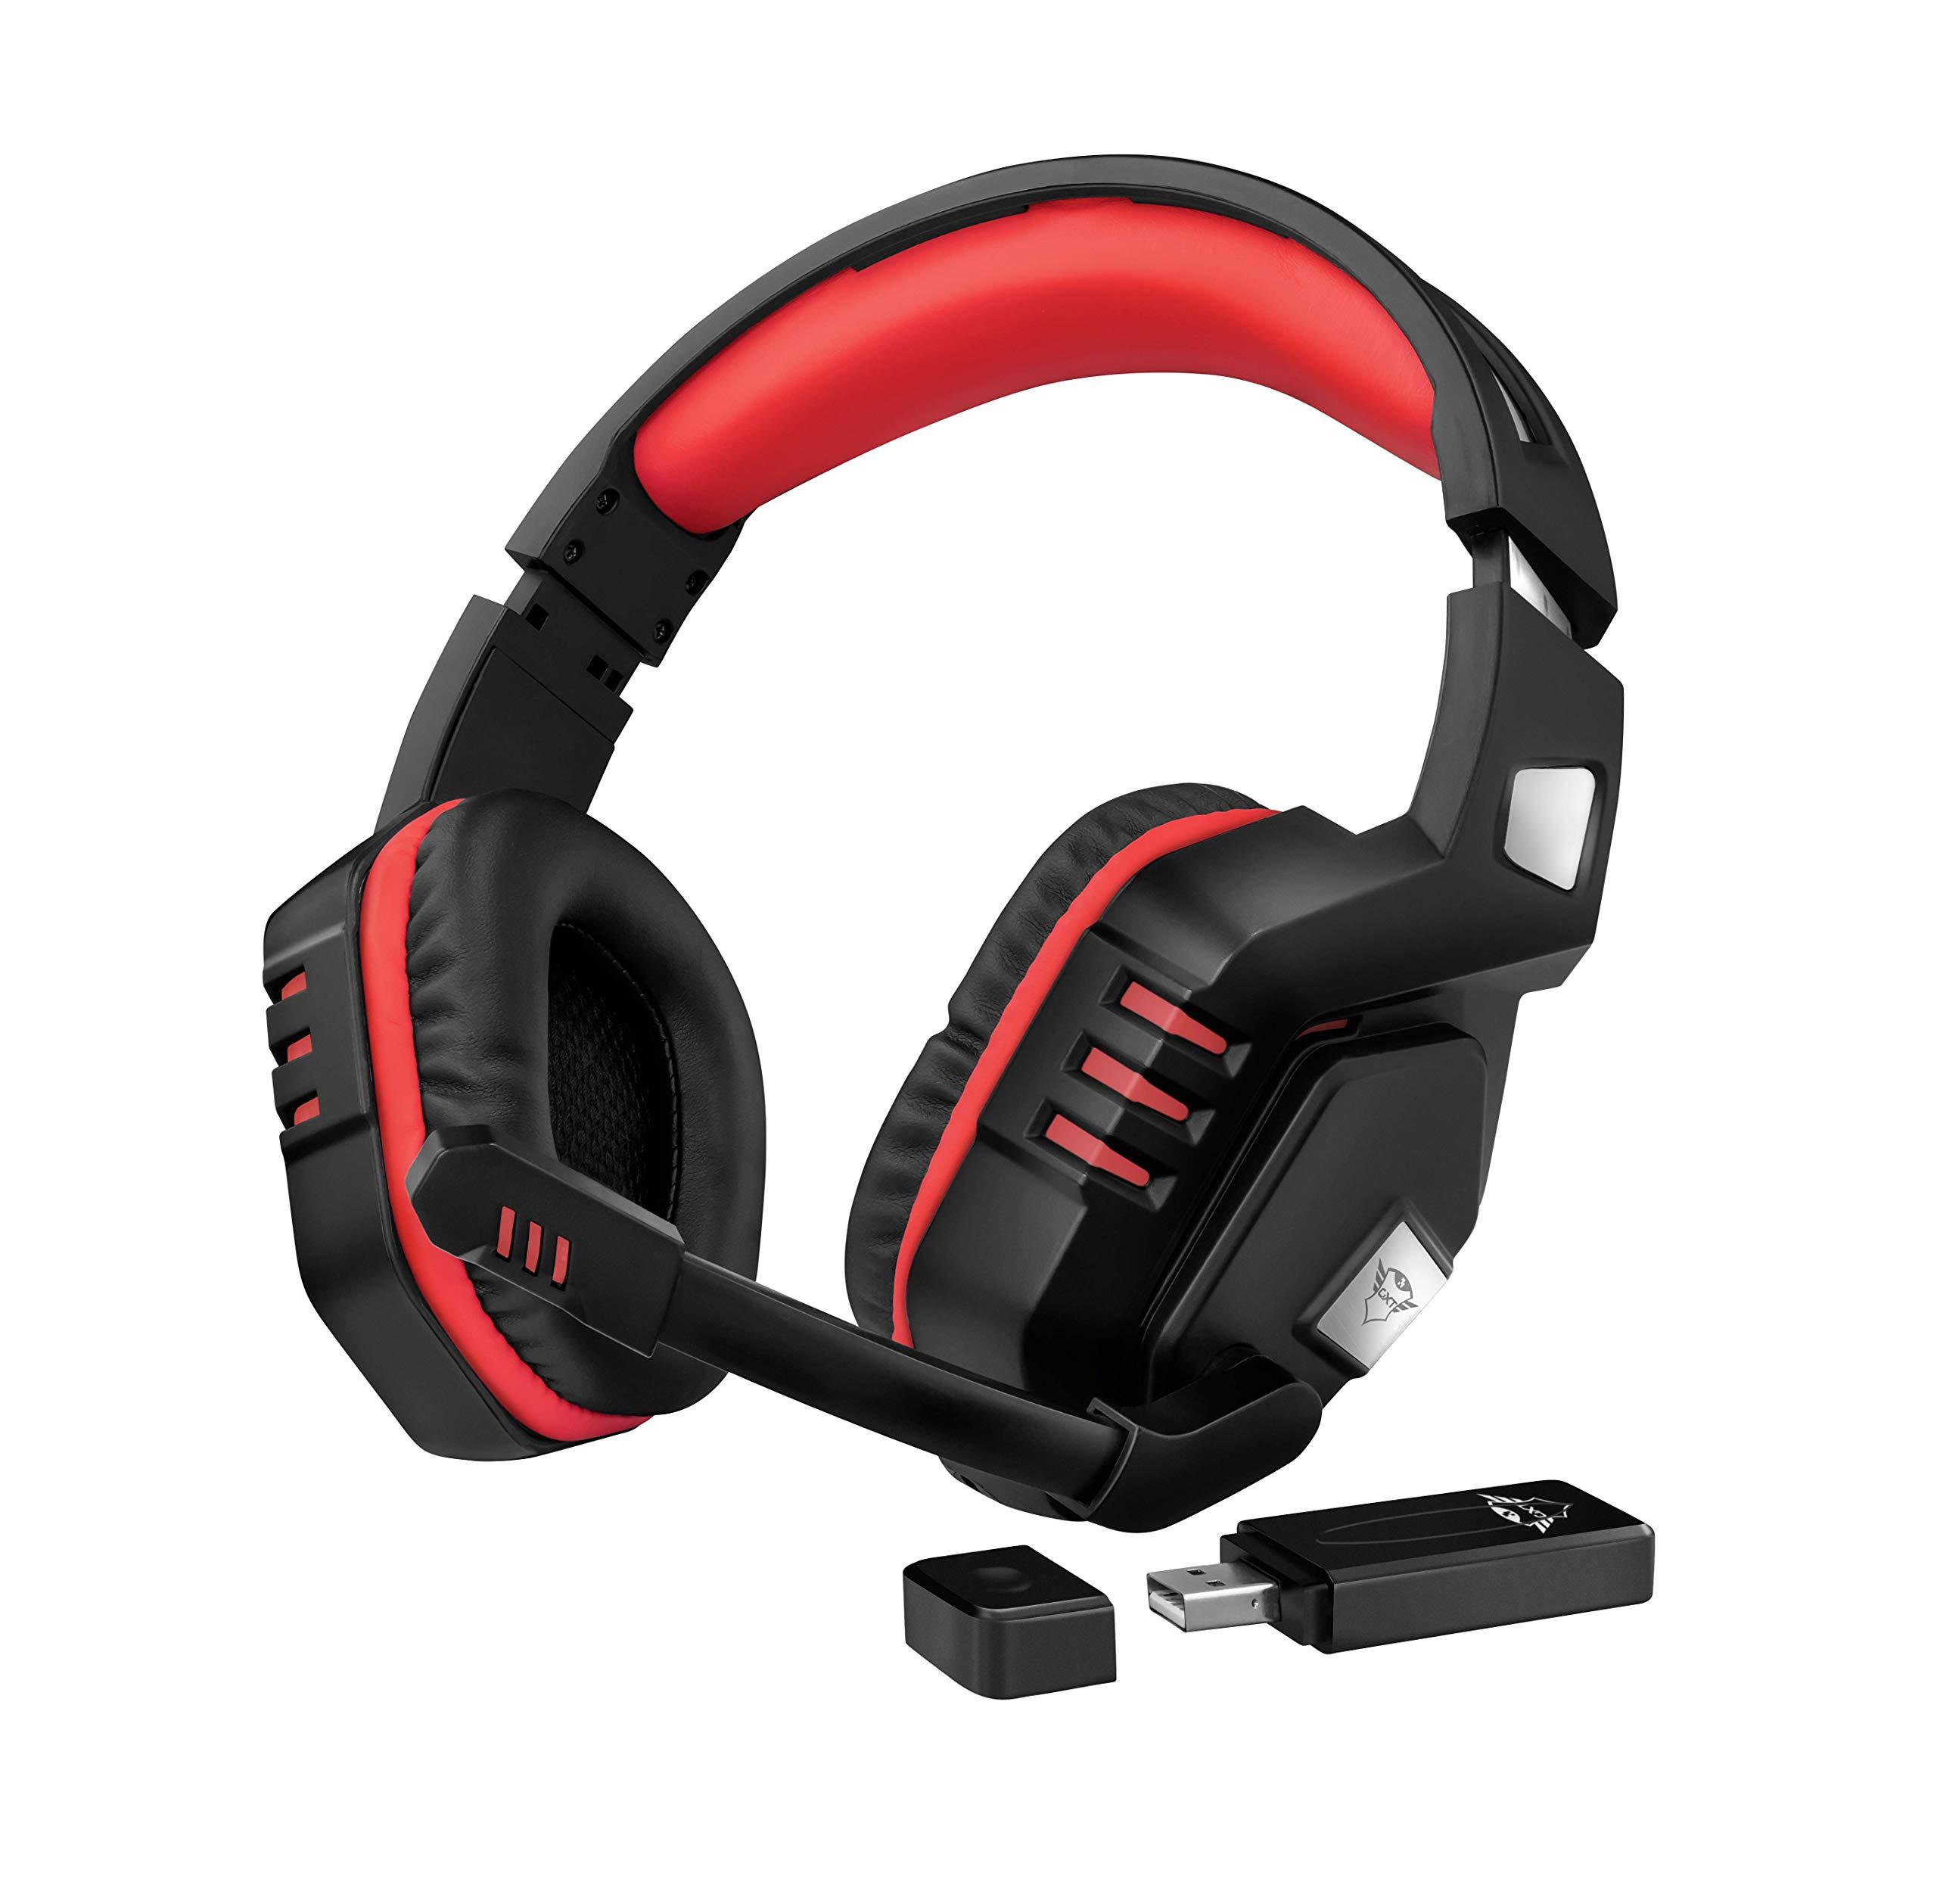 Trust GXT 390 Juga Auriculares inalámbricos para Gaming para PC y PS4, Color Negro: Amazon.es: Informática